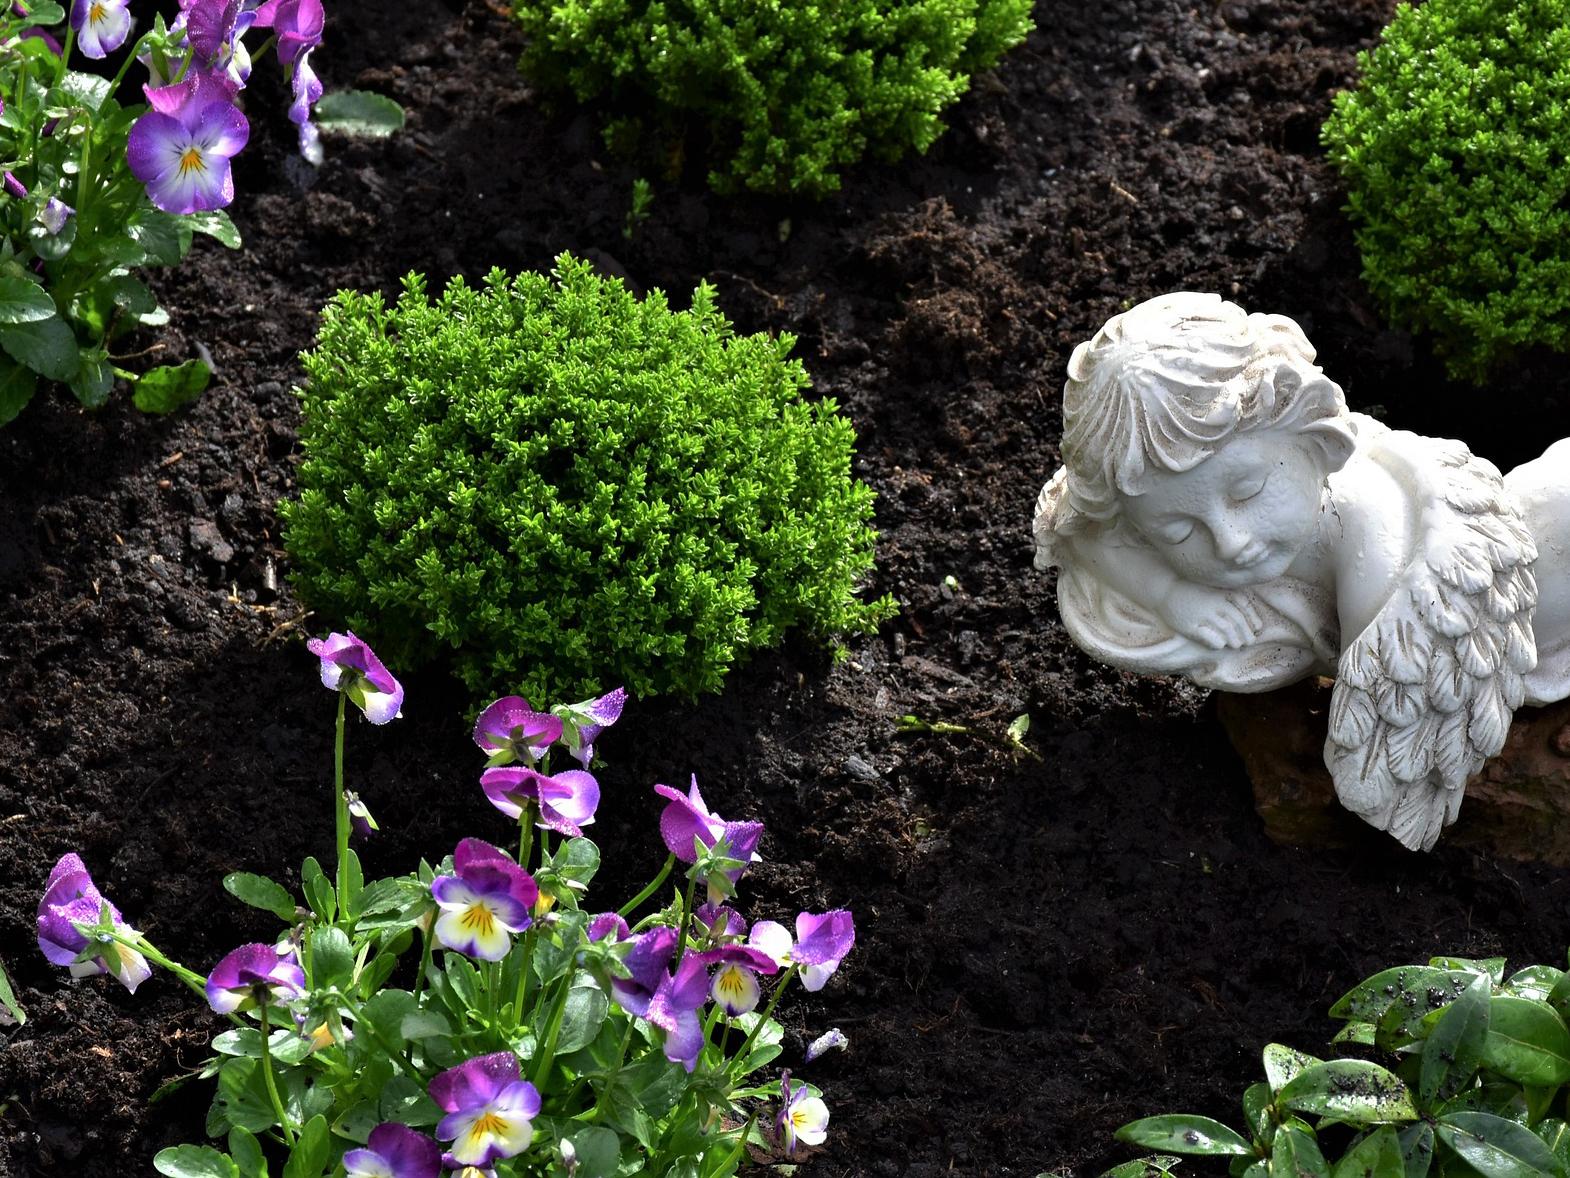 Trauerfloristik und Grabpflege, Schmuck für Särge und Urnen